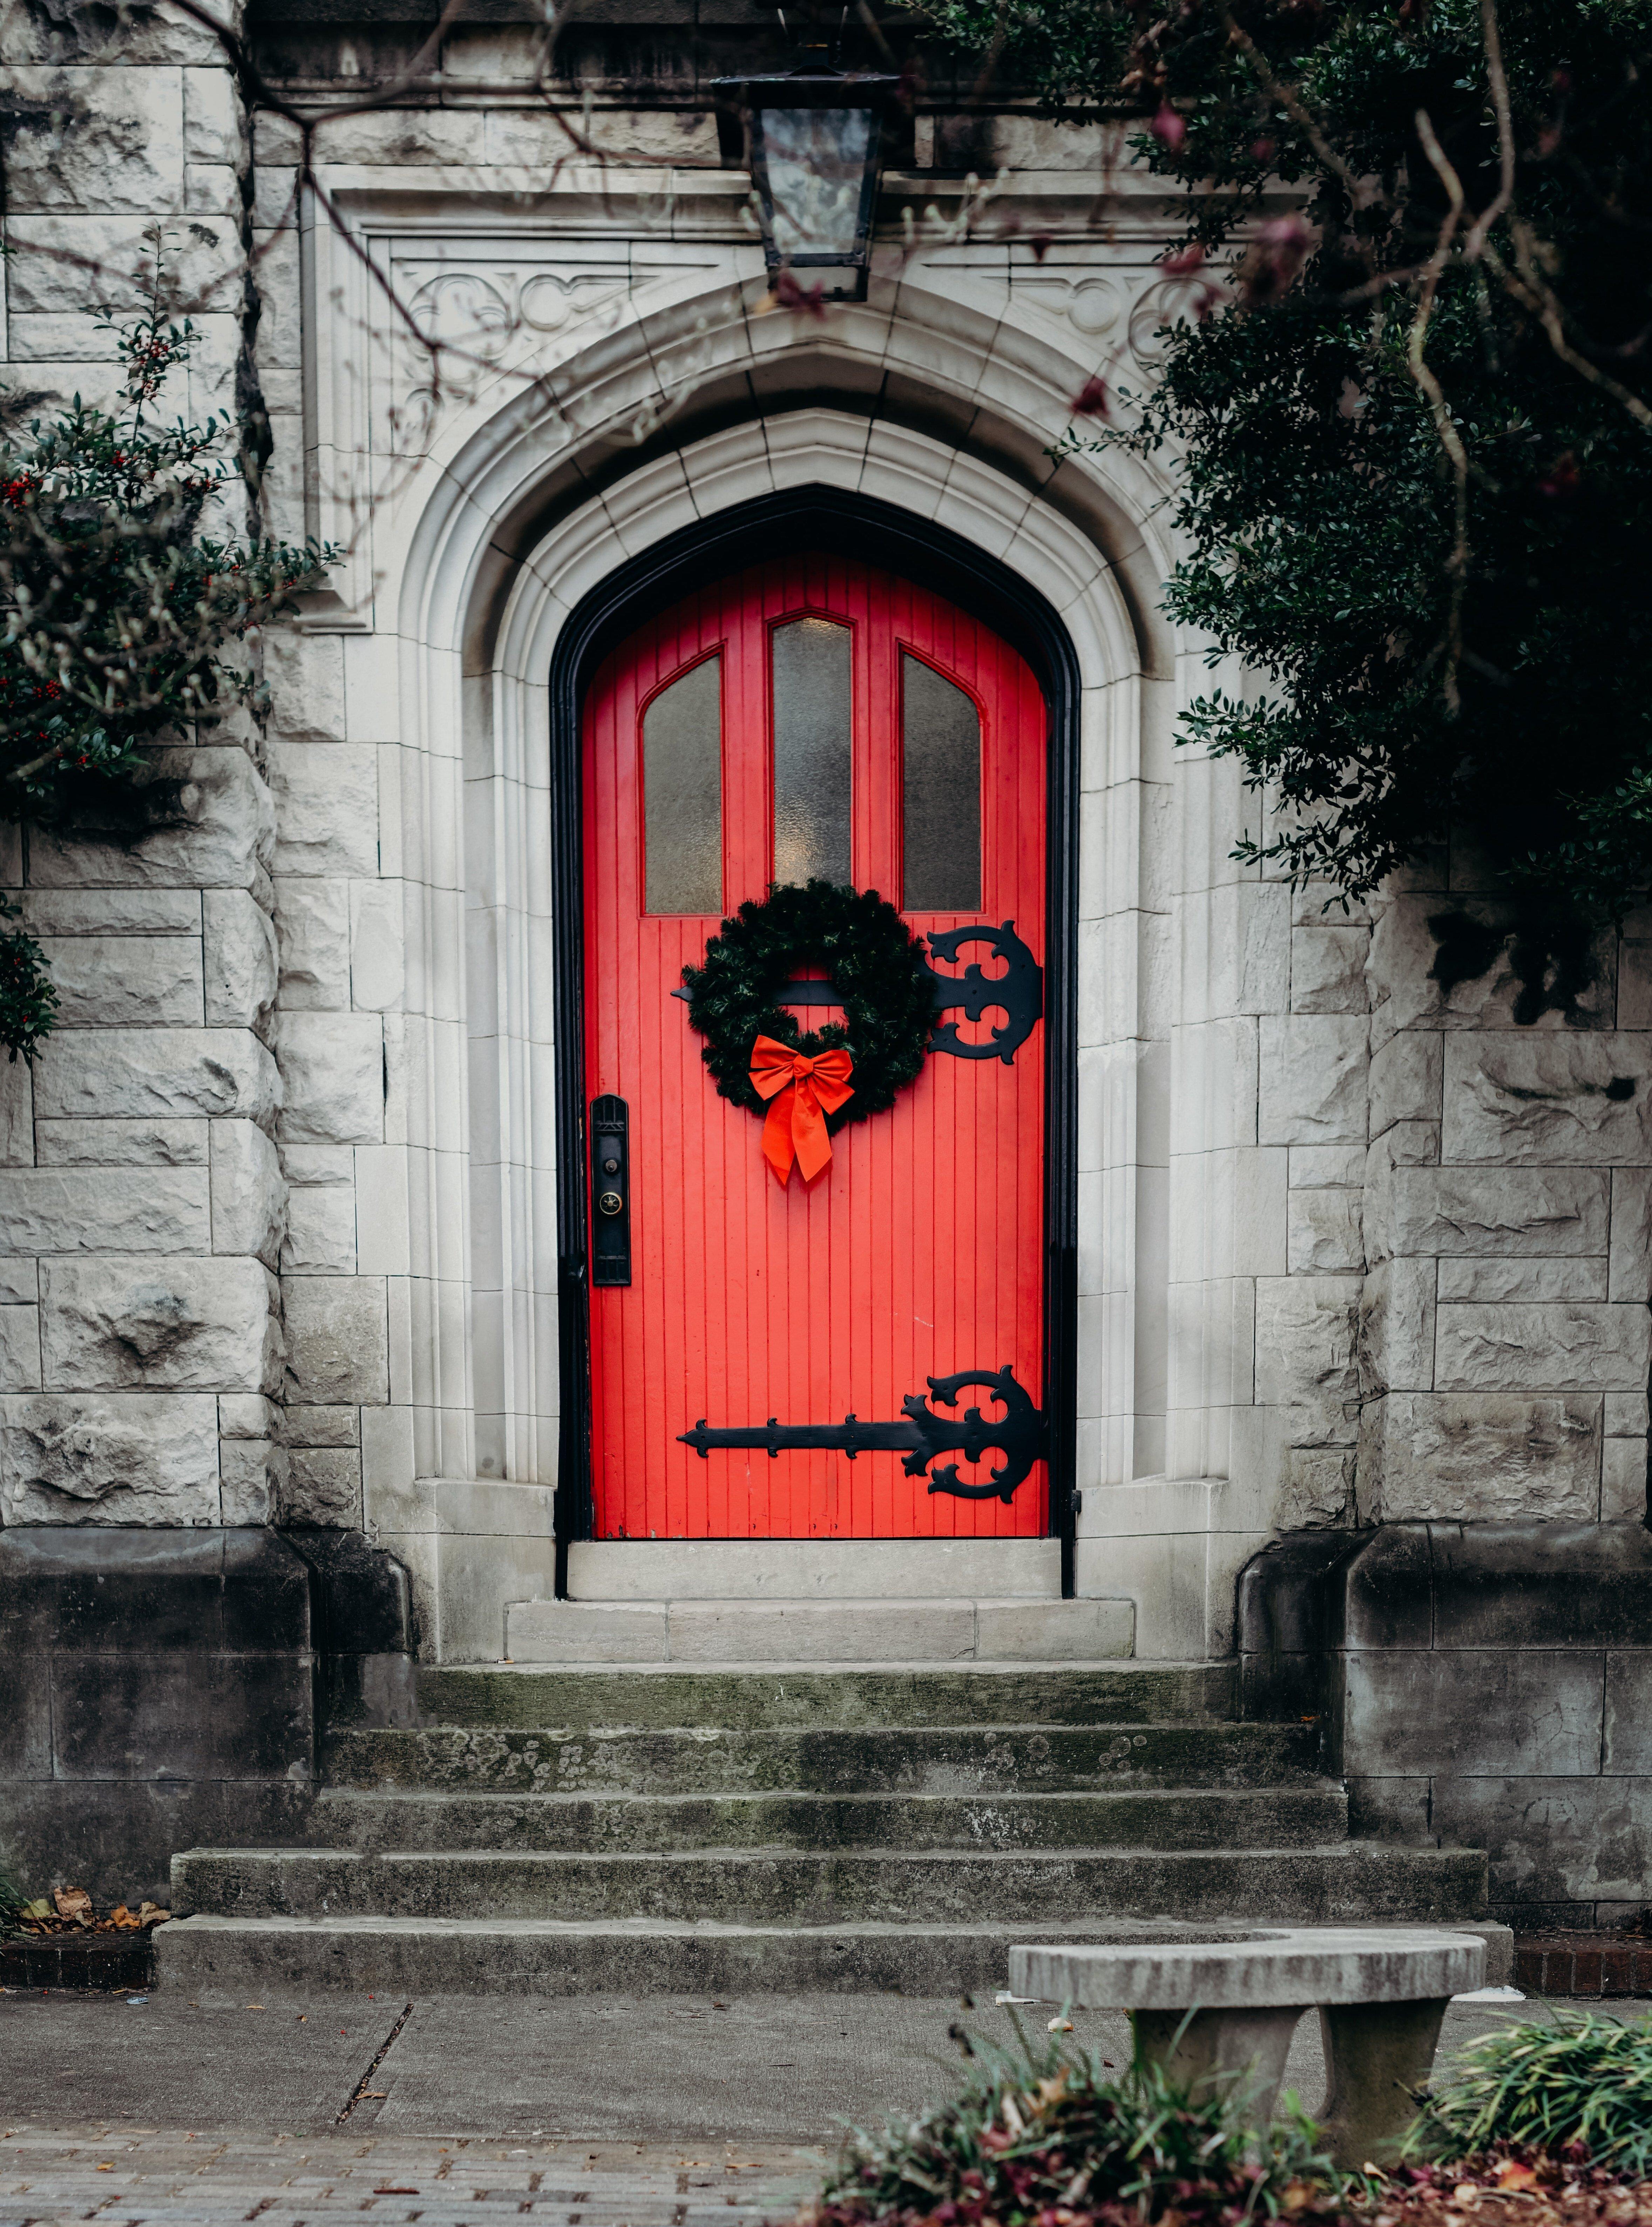 снимка на червена входна врата